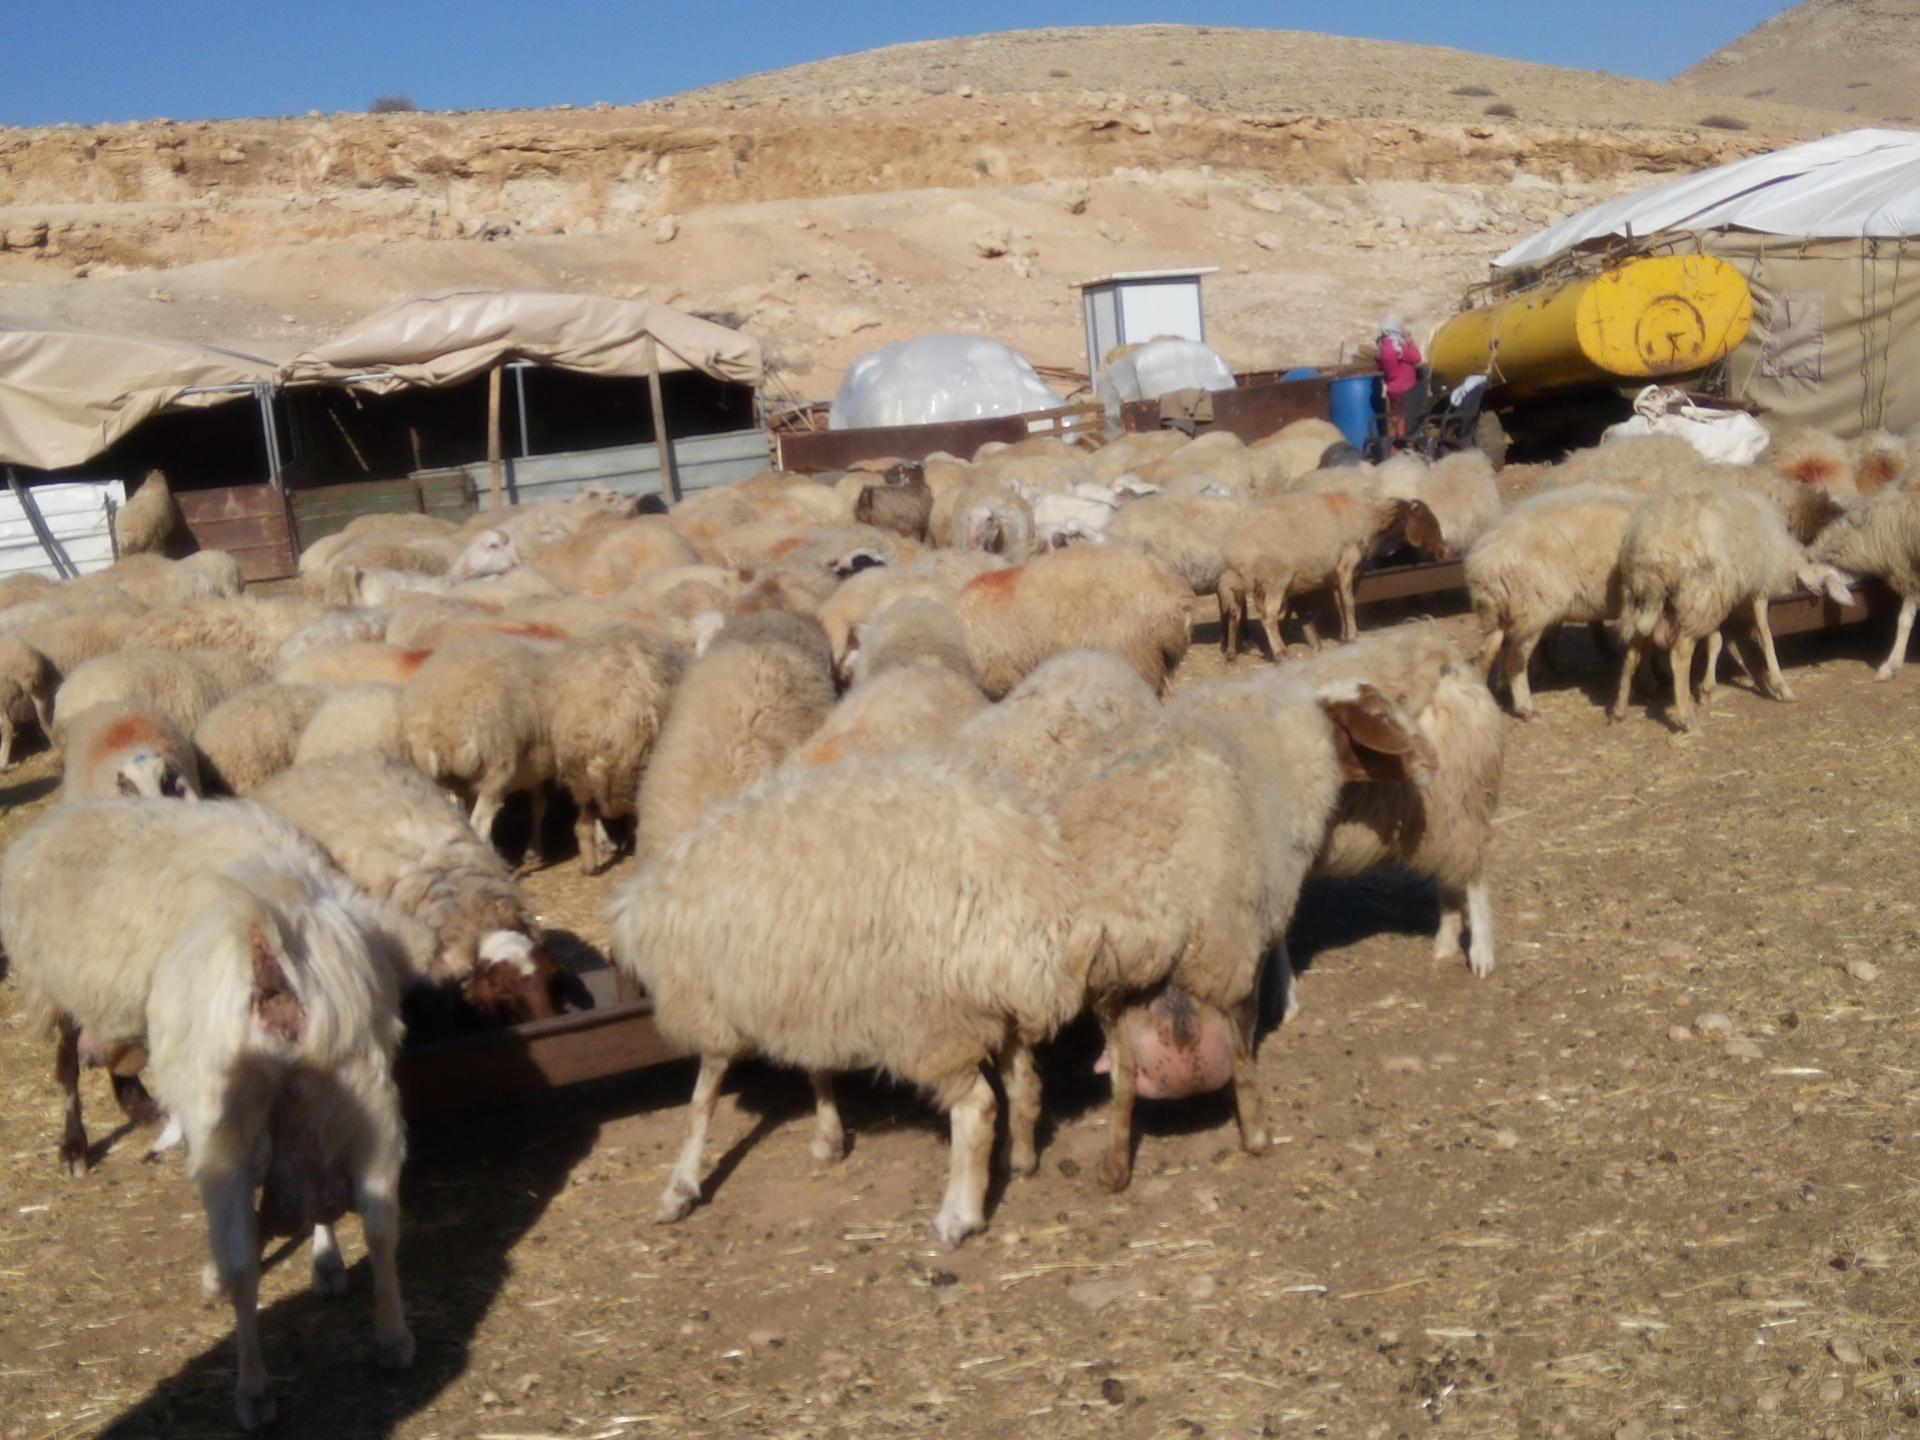 28.12.15 Halat Makhul חאלת מכחול